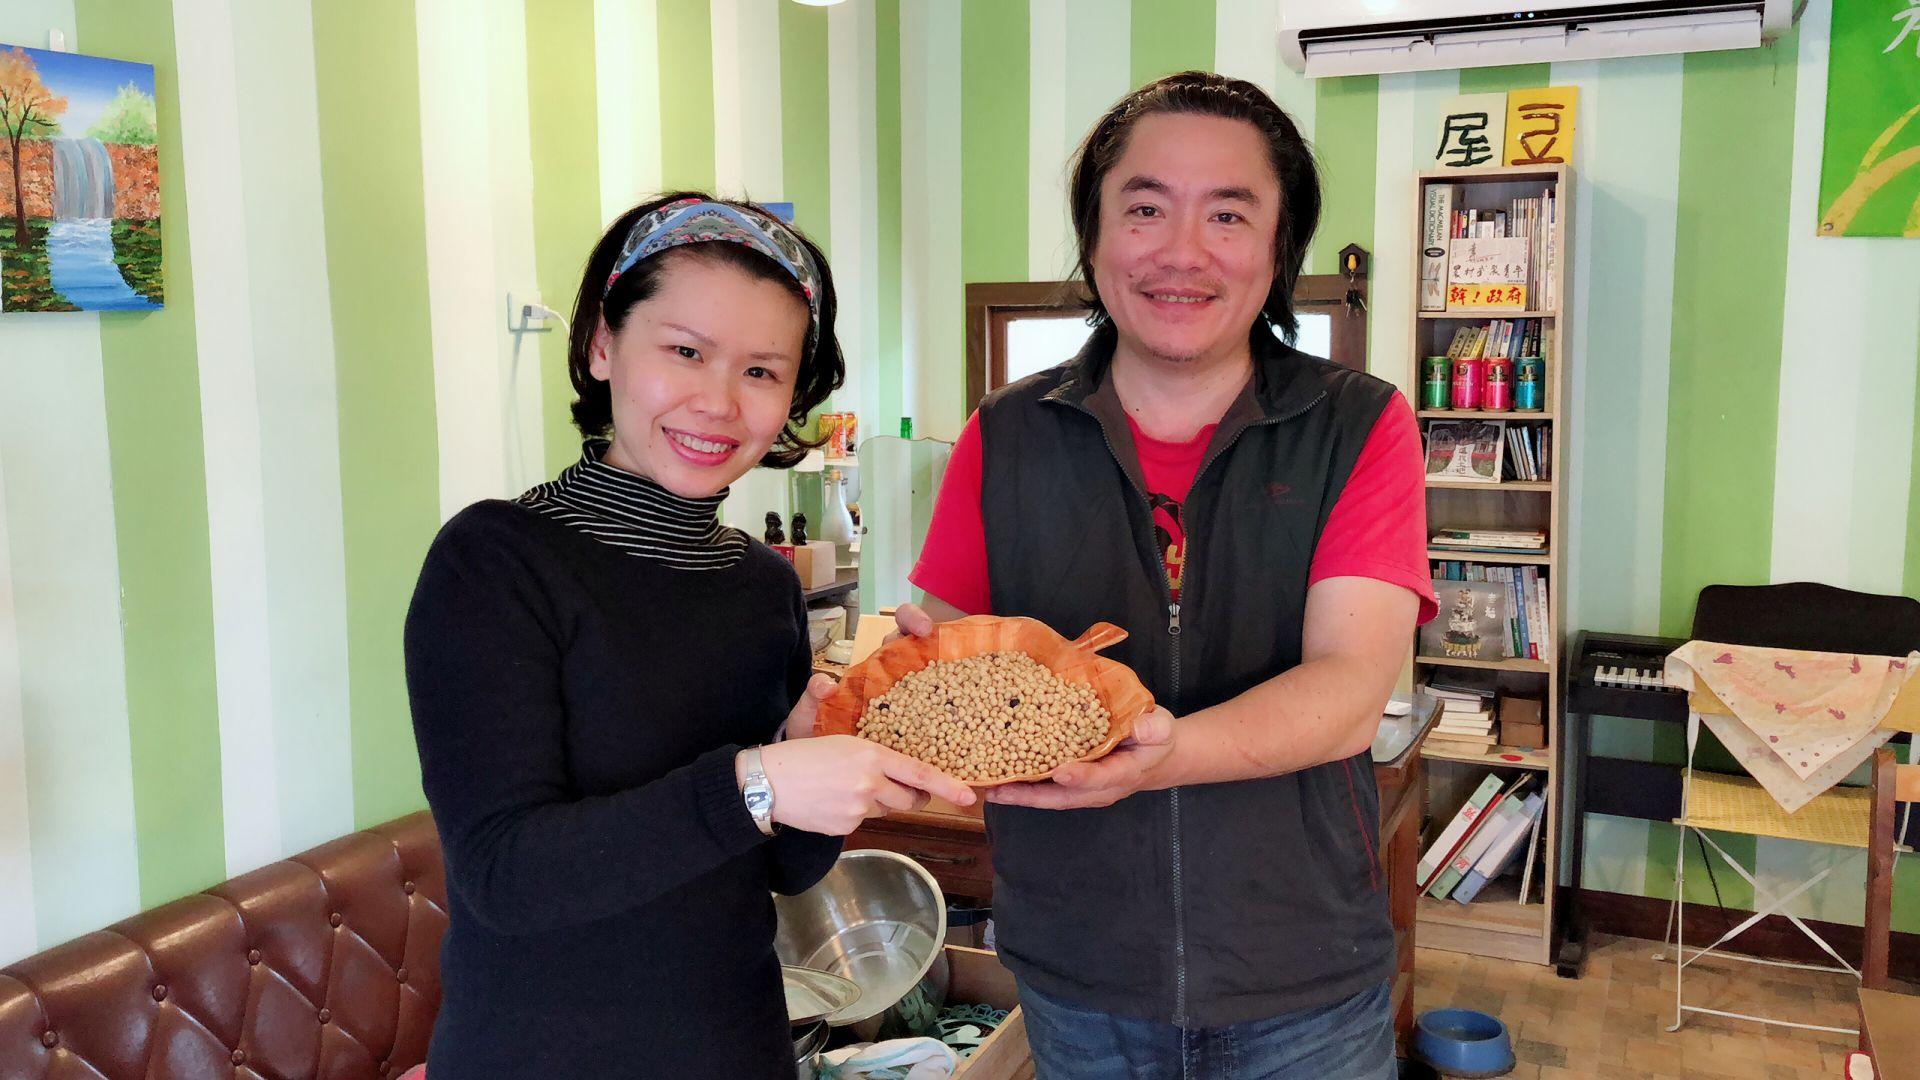 用愛播種的希望黃豆田—豆腐哥的感動料理